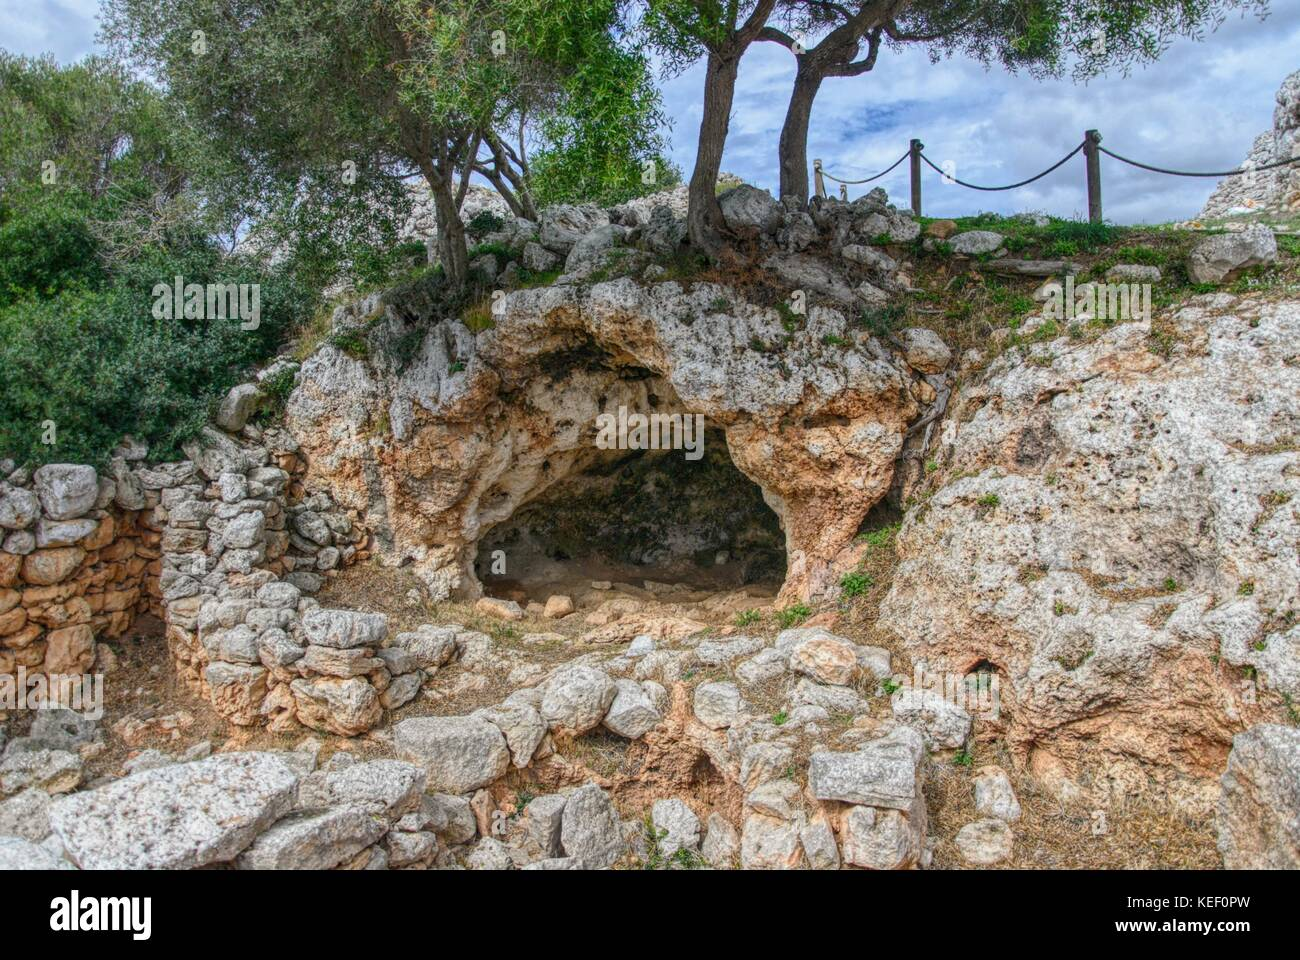 Torre d'en Galmés, Talayotischen Ort auf der Insel Menorca, Spanien Stockfoto